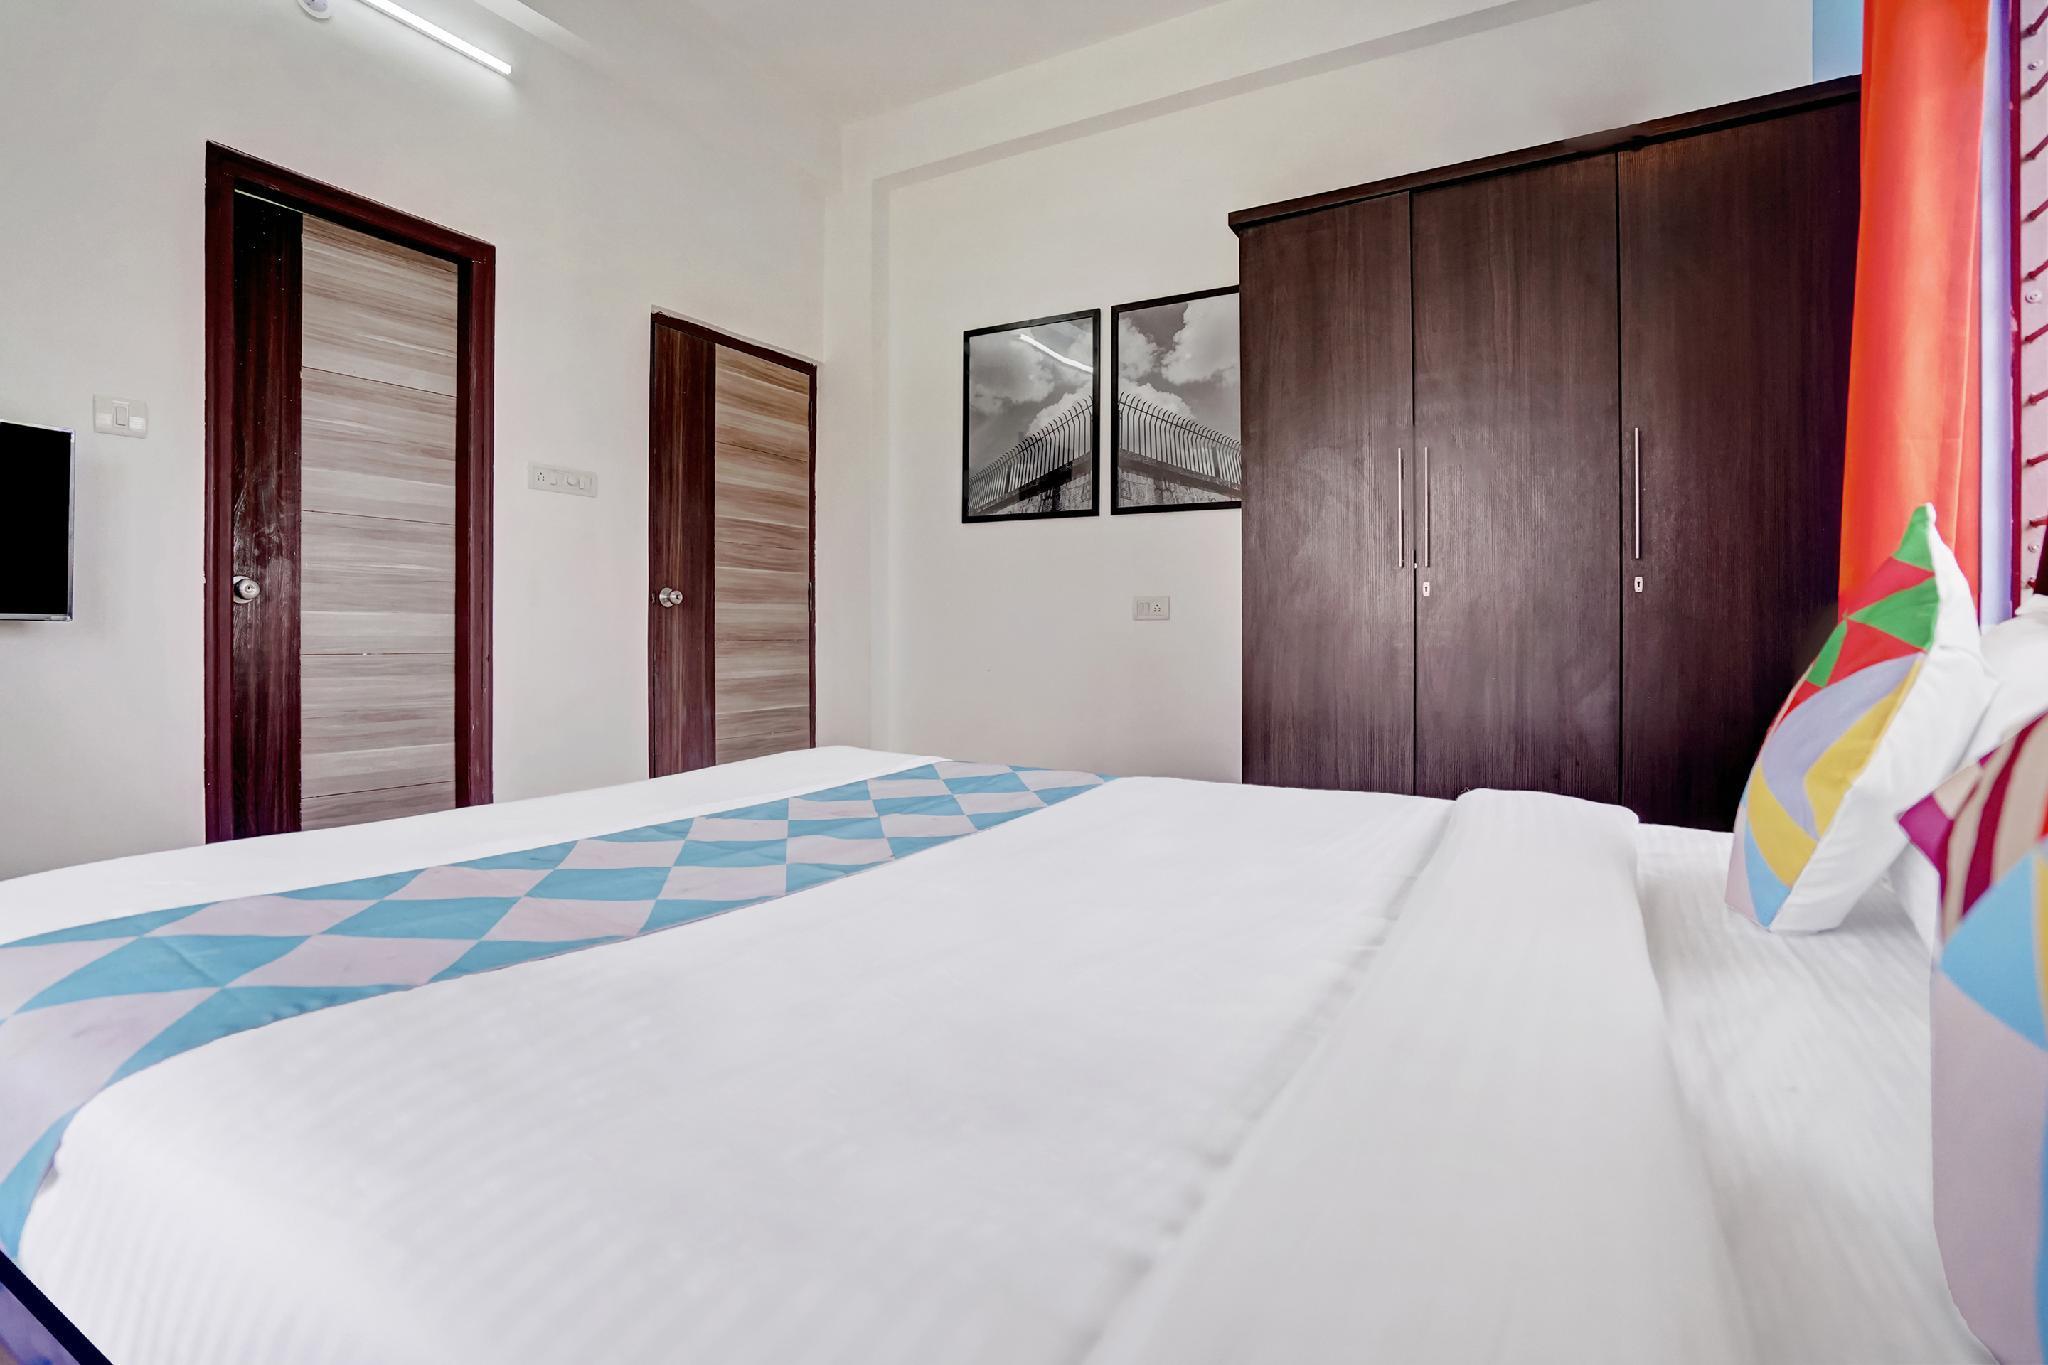 OYO 39306 Furnished Retreat Near Khandagiri Udaygiri Hospital